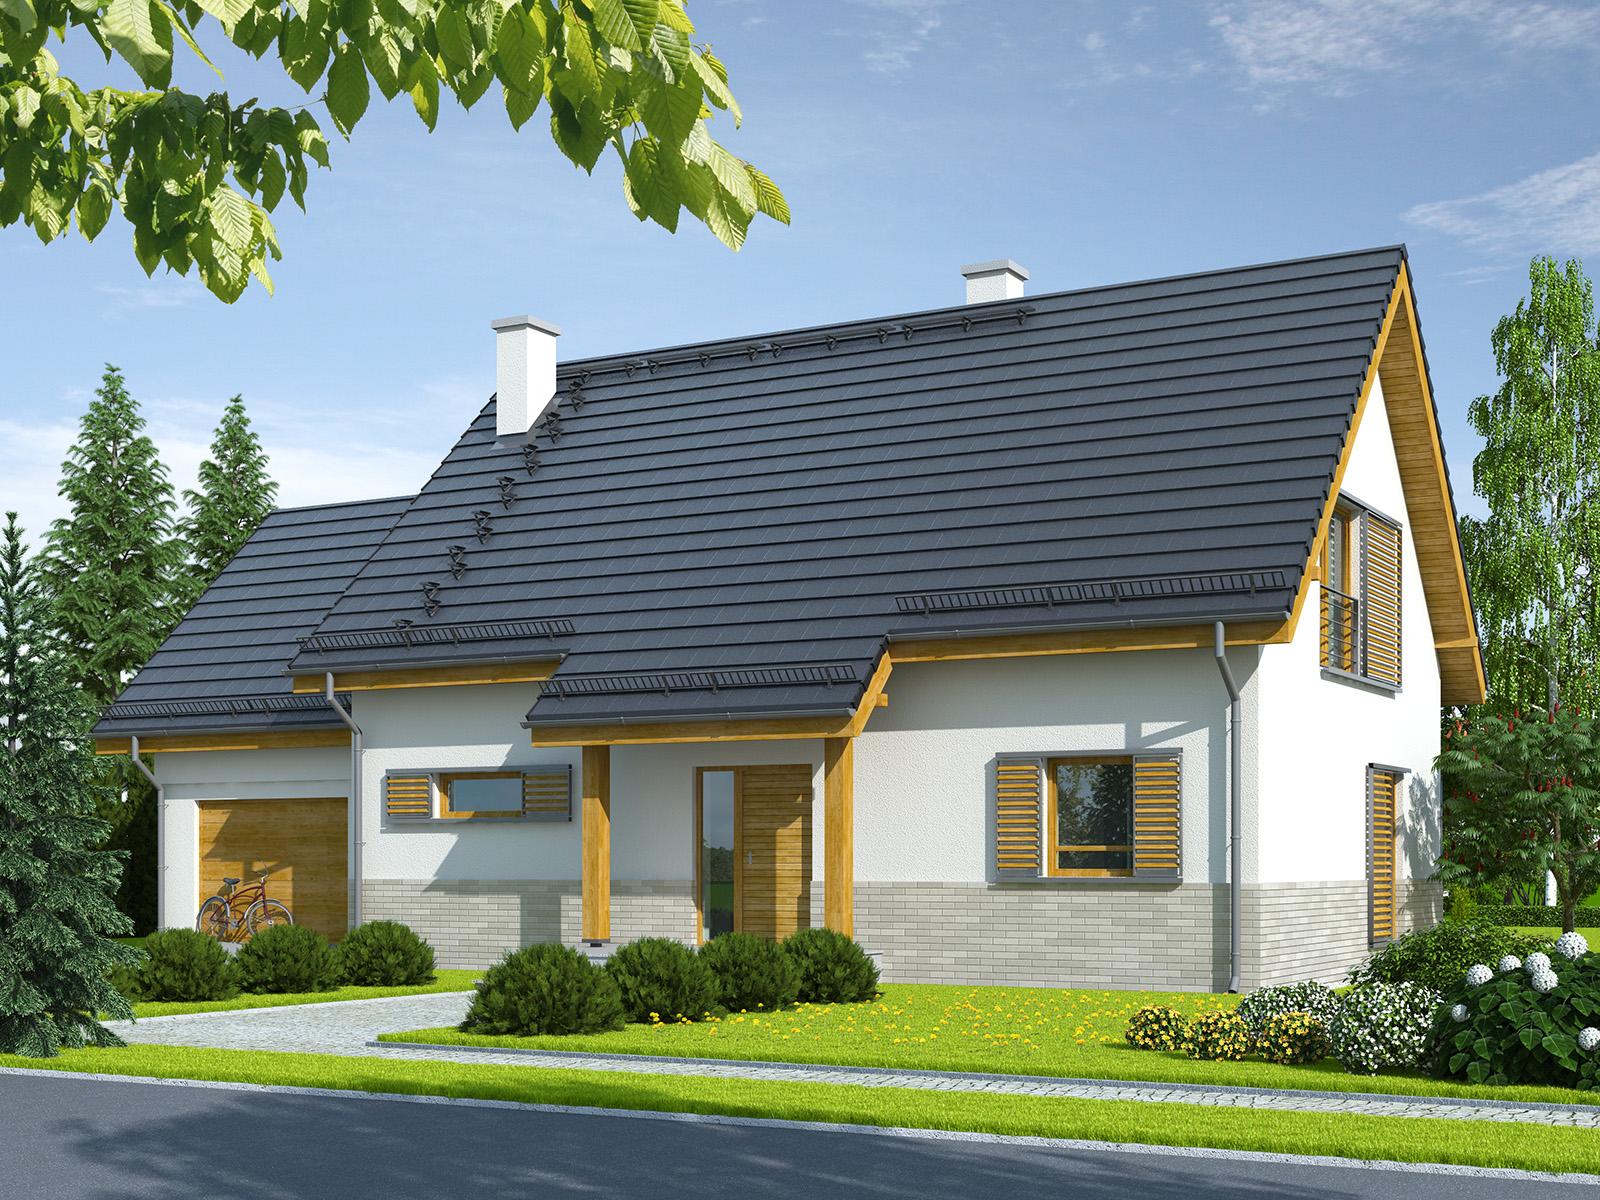 Projekt domu TRADYCYJNY Domy Czystej Energii widok od frontu